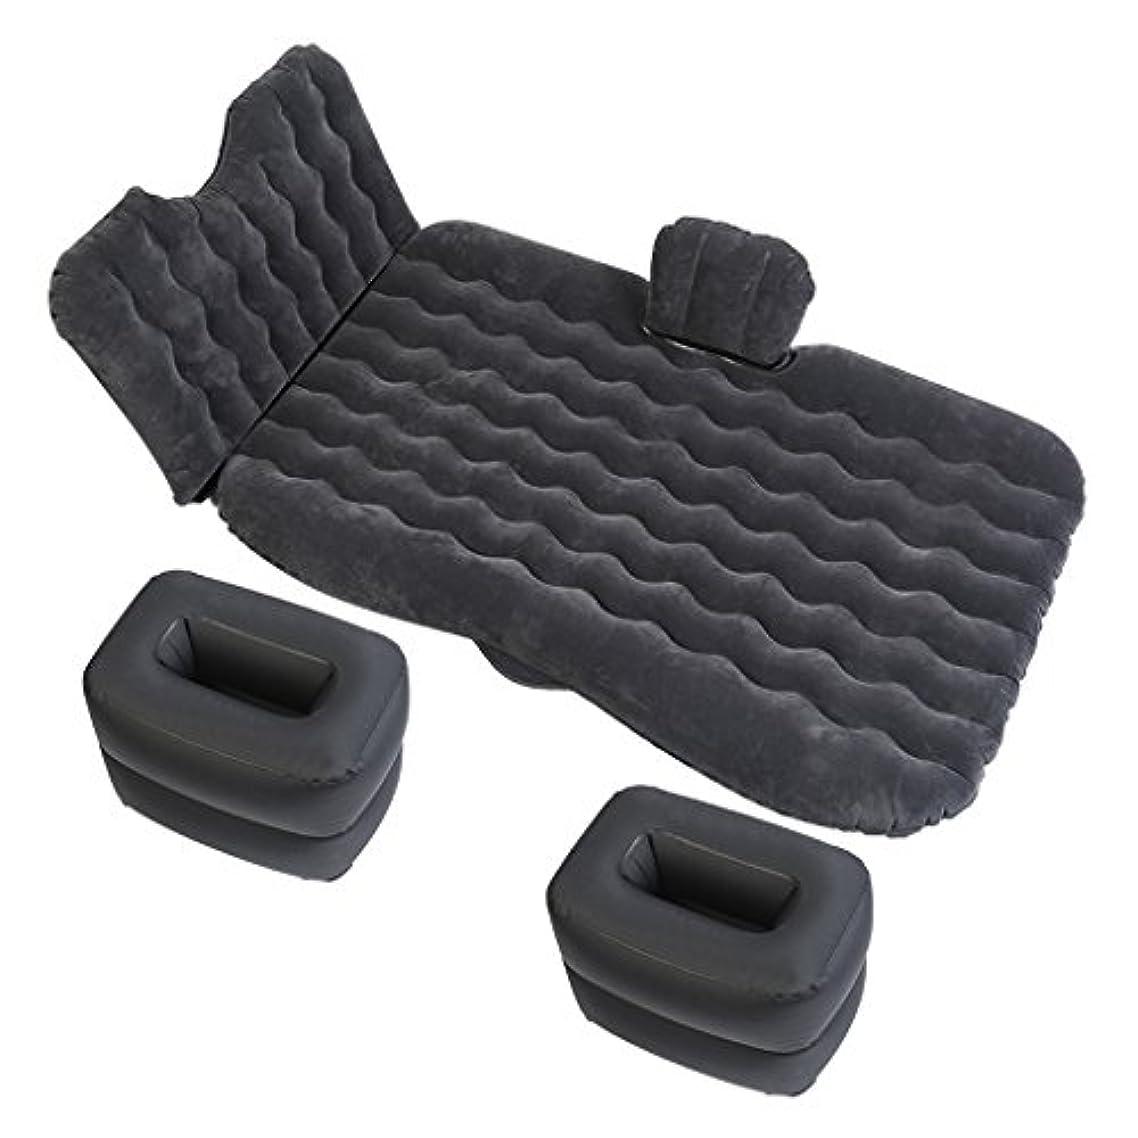 カウンターパート微生物首相QL エアベッド - 車の空気のベッド旅行のキャンプのための多機能旅行のキャンプのためのSUVの車の空気のベッド多機能Foldableポータブル旅行のキャンプの空気と枕の2つの空気枕 エアマットレス (Color : Black)